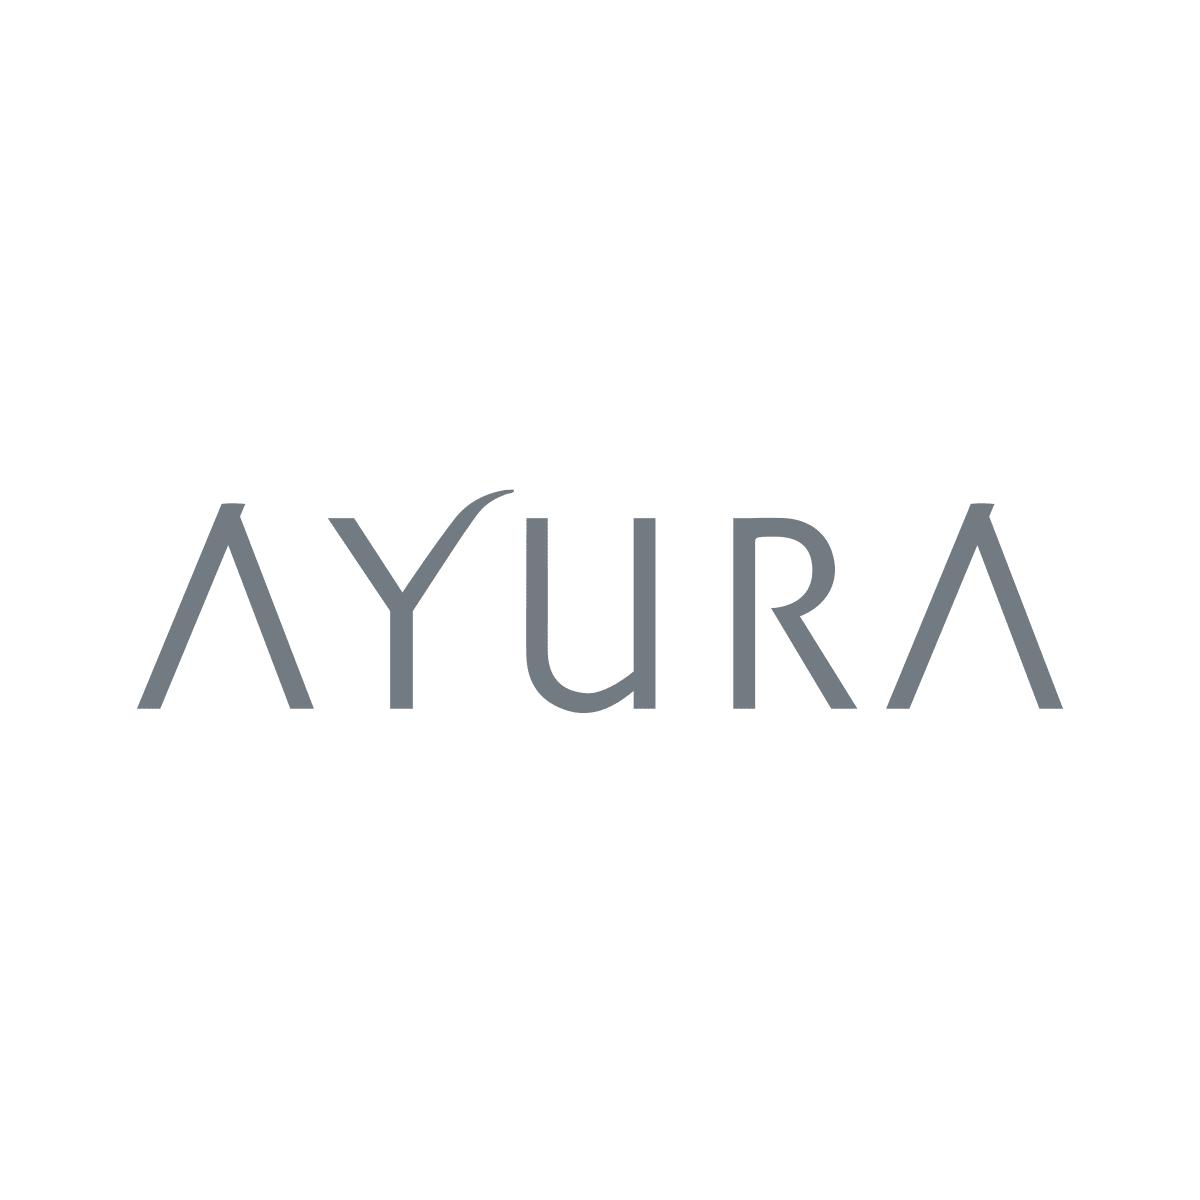 AYURA(アユーラ)